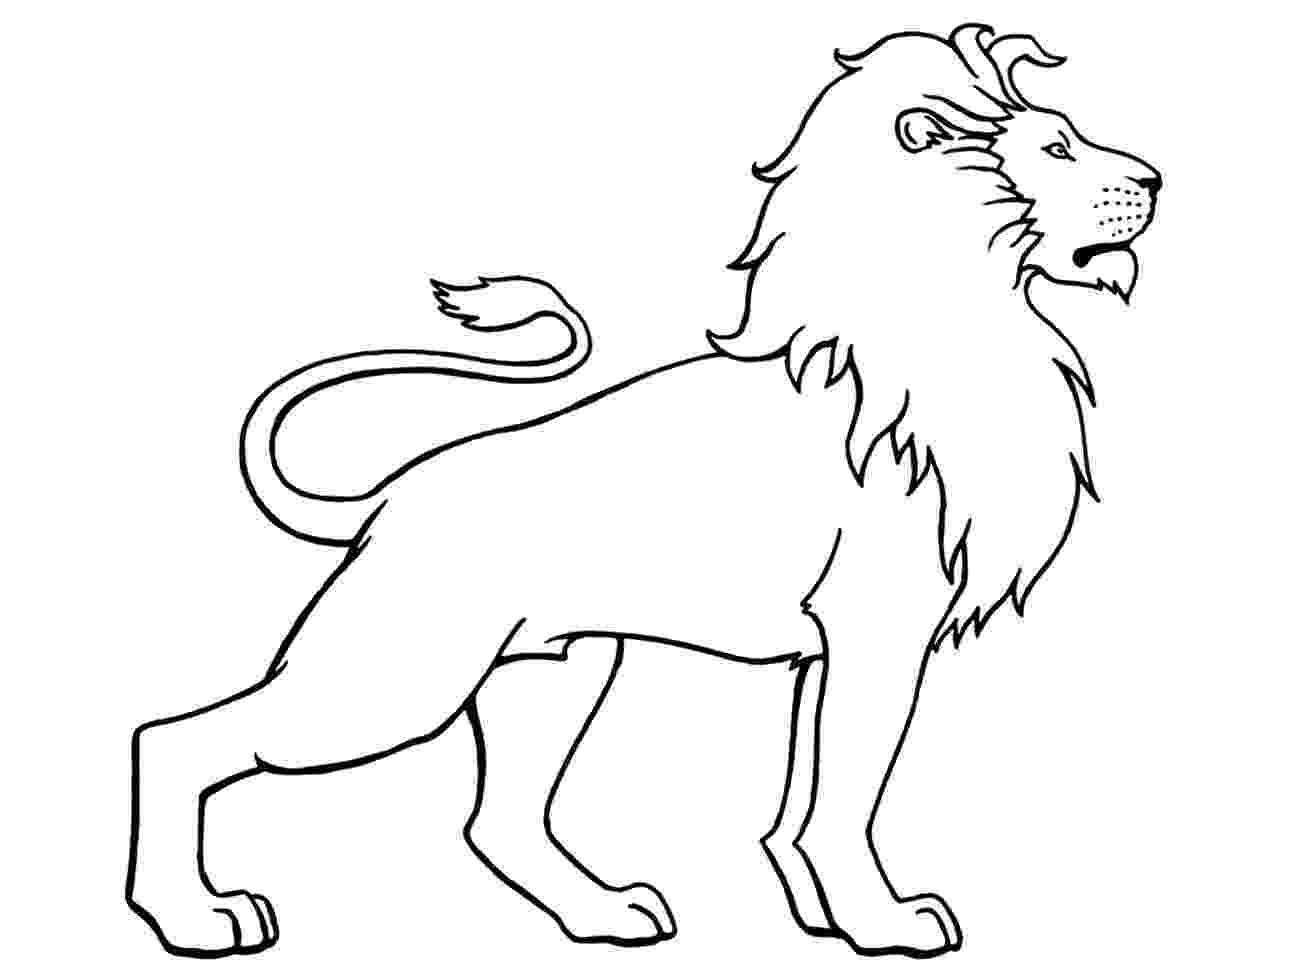 color lion lion king coloring pages best coloring pages for kids lion color 1 3